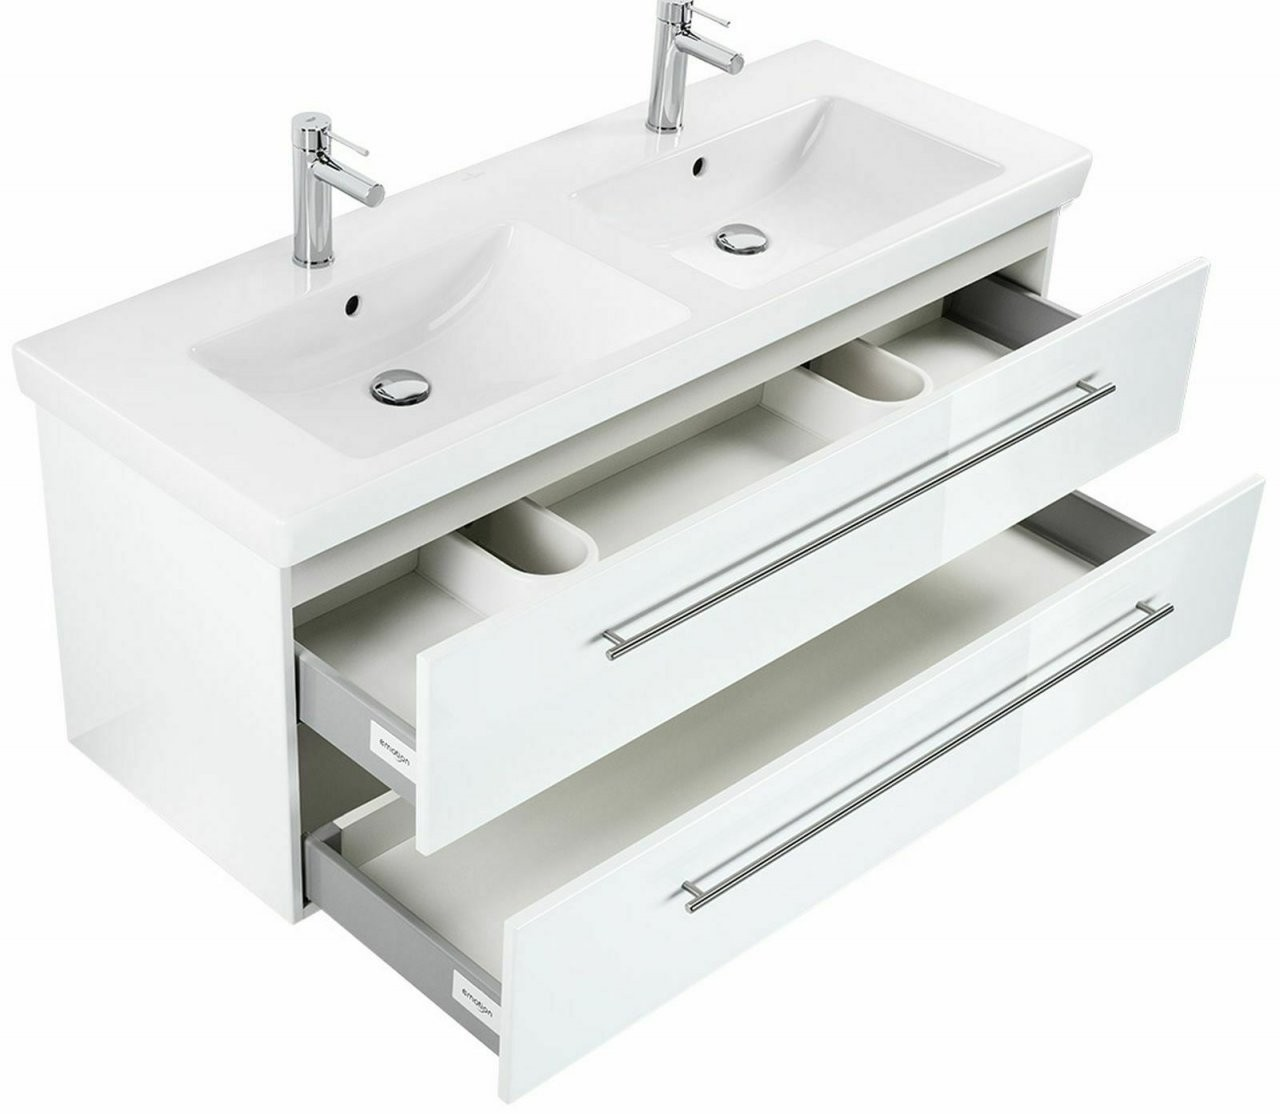 Doppelwaschtisch Mit Unterschrank 130 Cm Villeroy  Boch von Doppelwaschtisch Villeroy Und Boch Bild